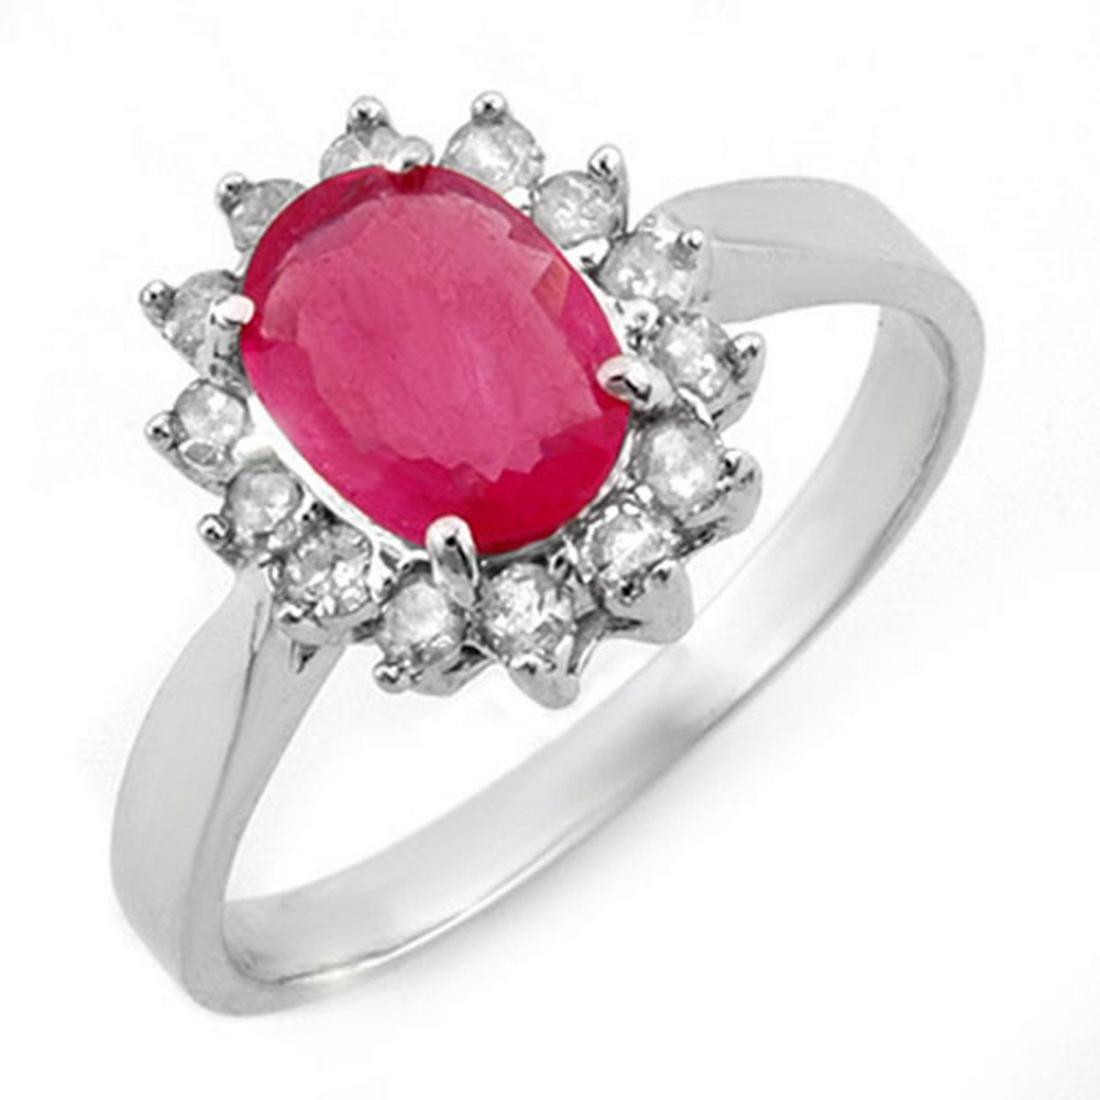 1.27 ctw Ruby & Diamond Ring 18K White Gold - REF-46V7Y